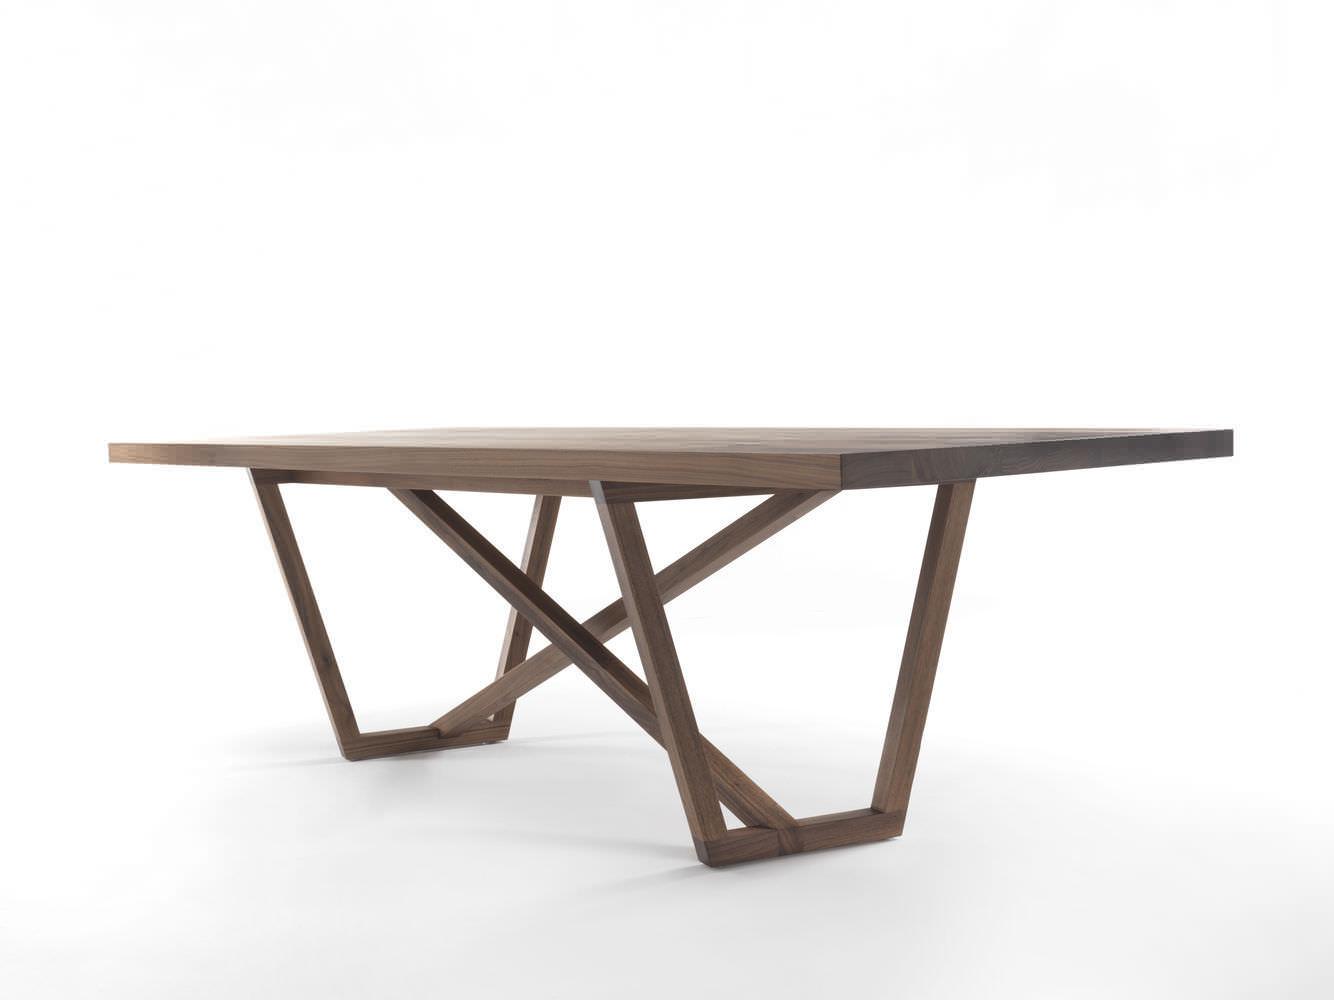 moderner tisch / aus massivholz / rechteckig / für innenbereich, Möbel